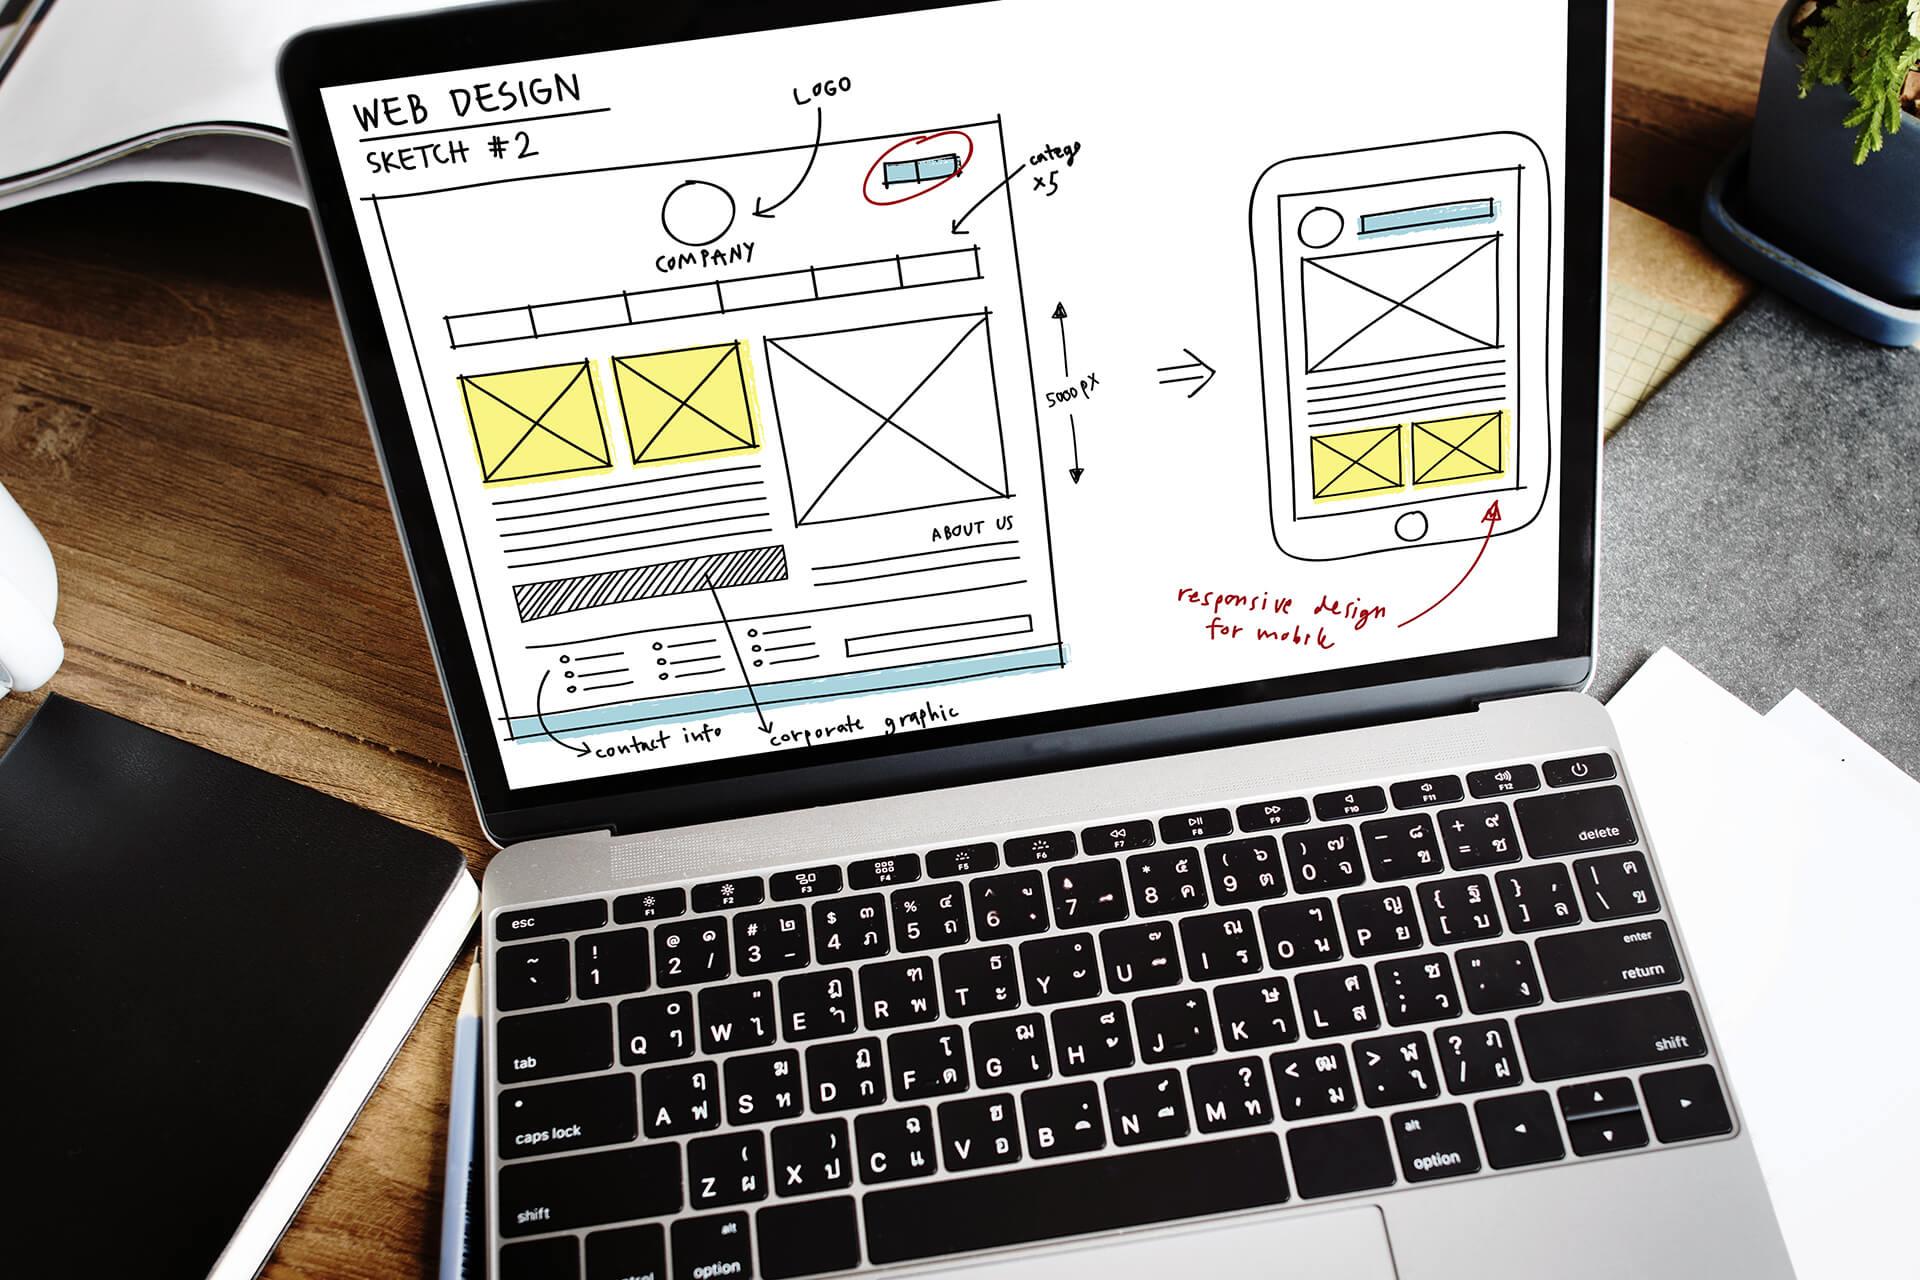 Mockup design for a custom website on a laptop.